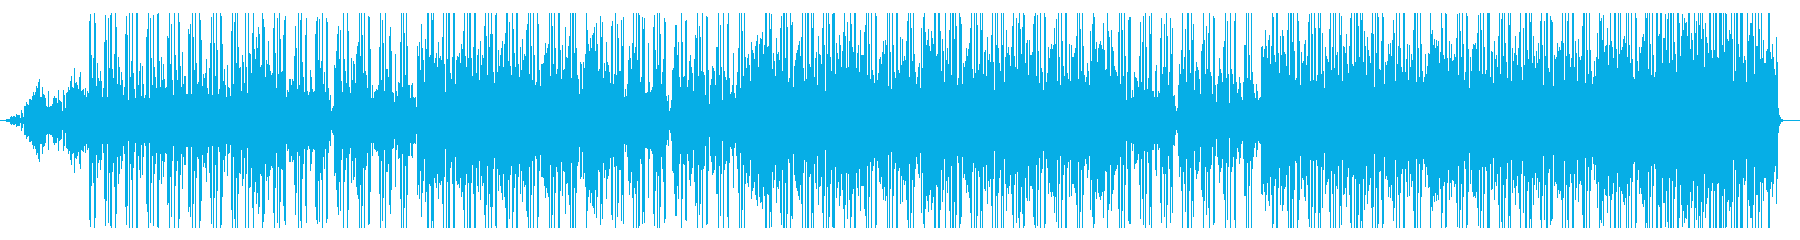 HIPHOPトラック/chillゆったりの再生済みの波形